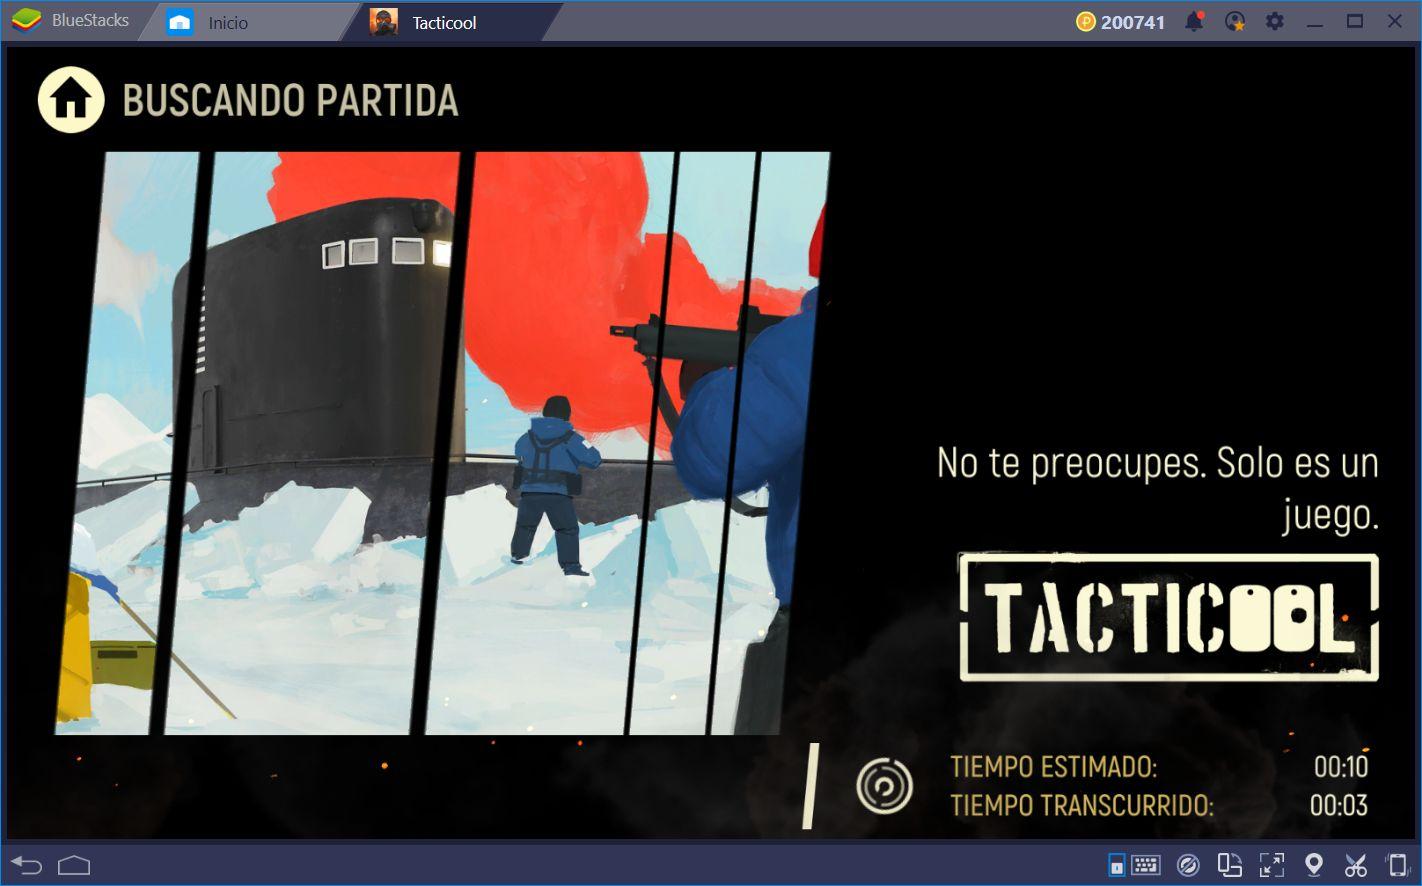 Tacticool: Destrucción y Combate Intenso con una Pizca de Comedia